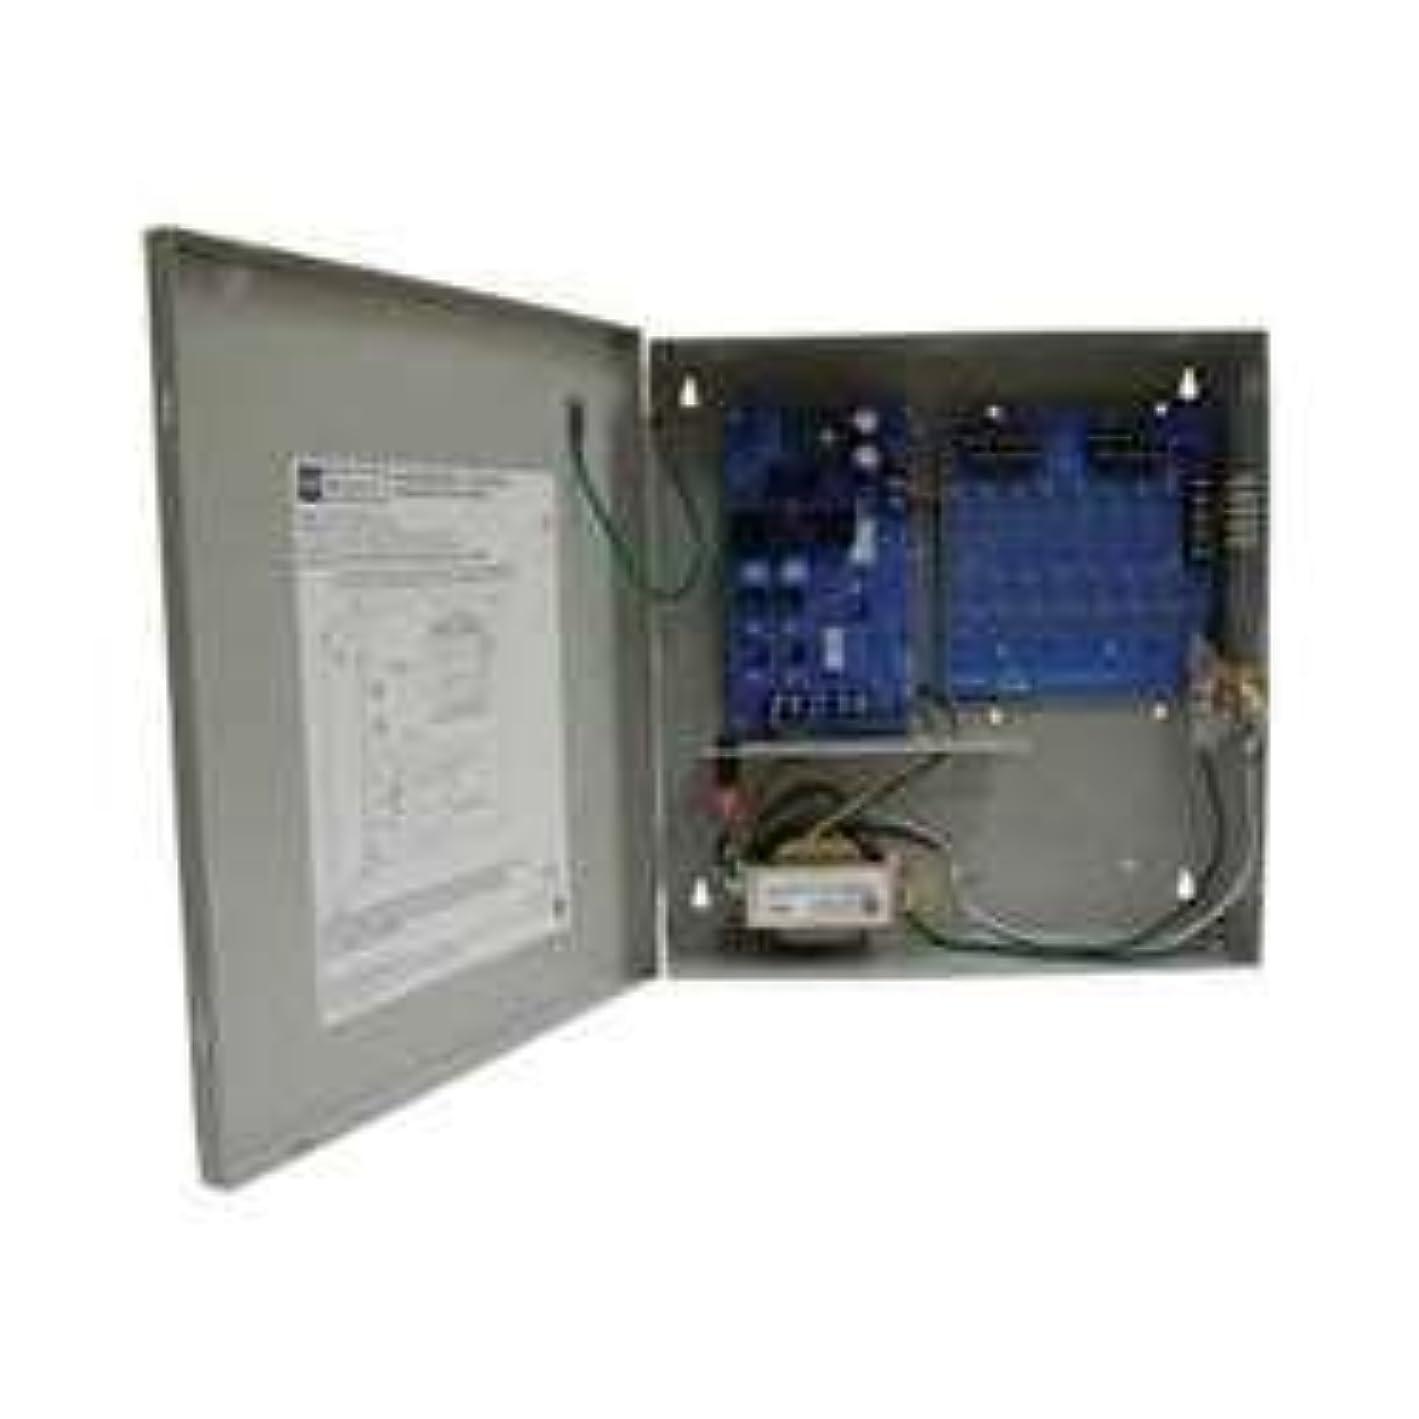 ピクニック寄稿者コストPower Supply 16PTC 6-15VDC @ 4A [並行輸入品]